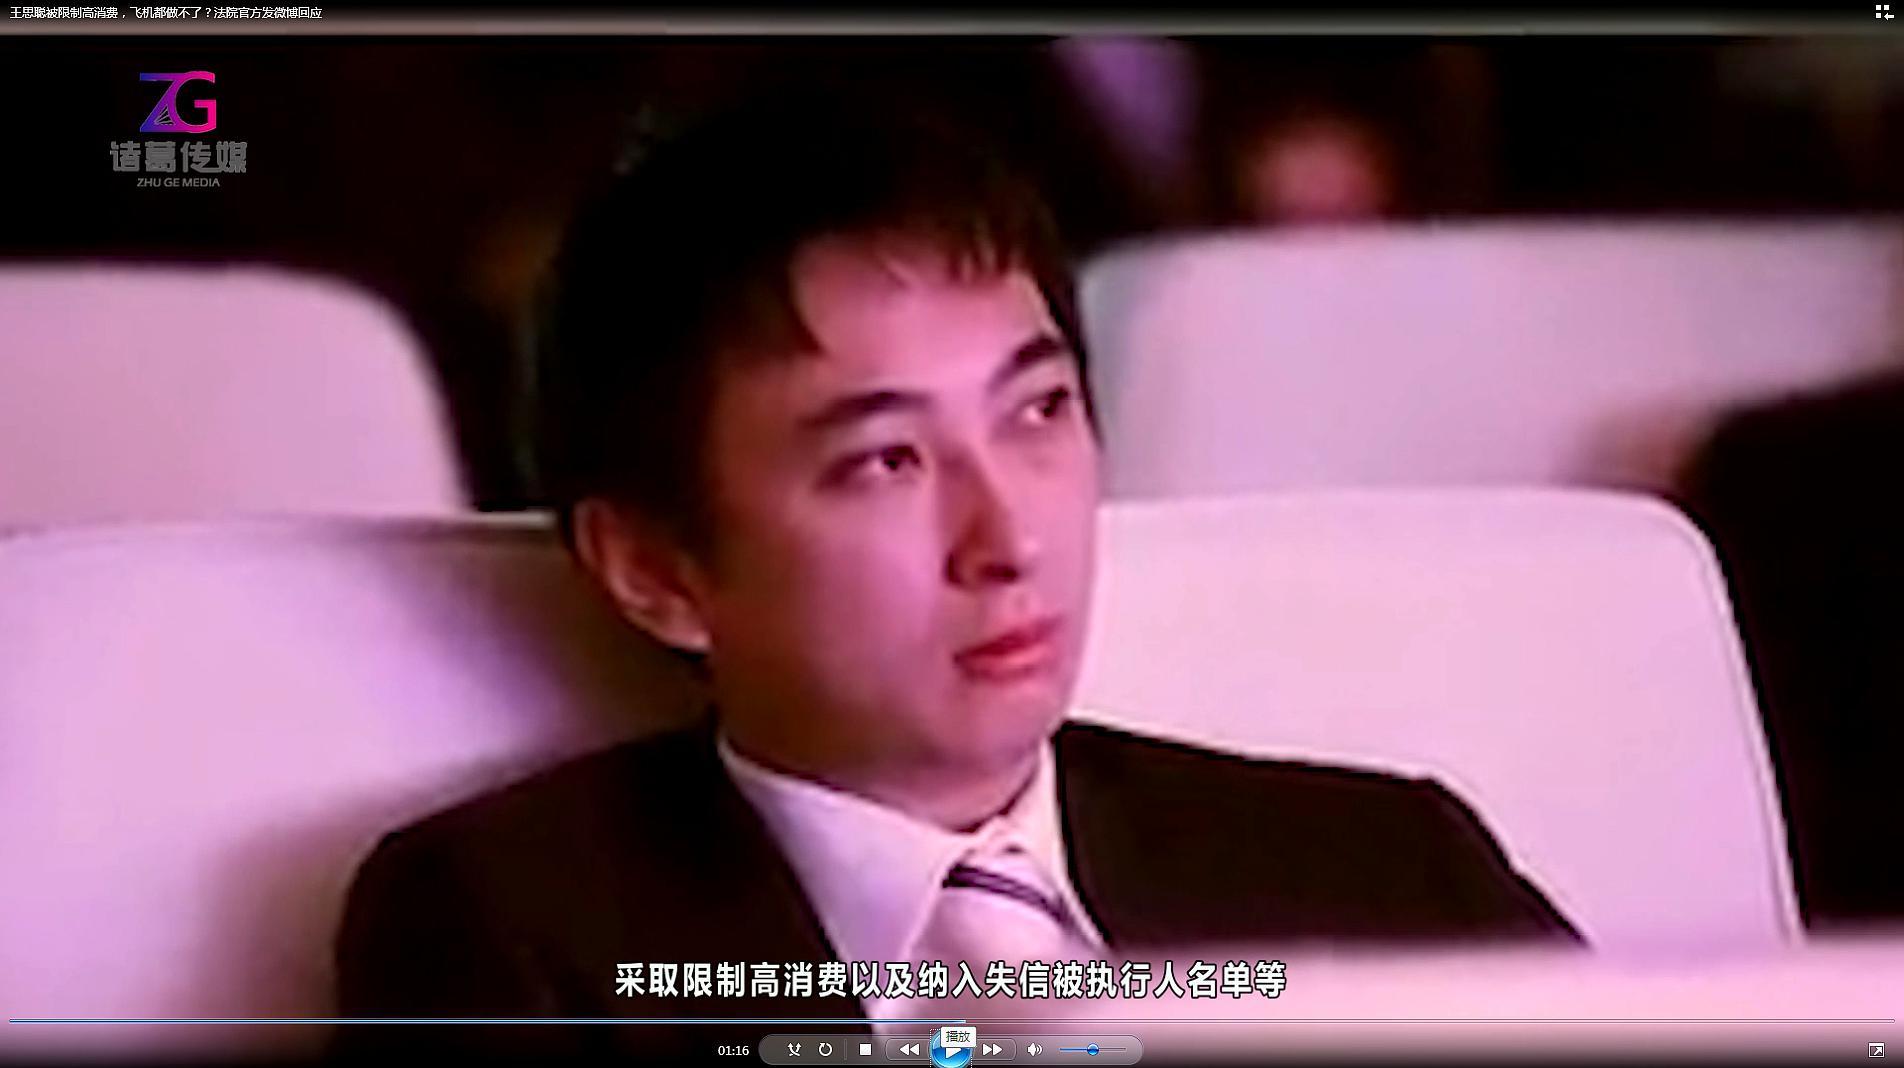 王思聪被限制高消费,飞机都做不了?法院官方发微博回应